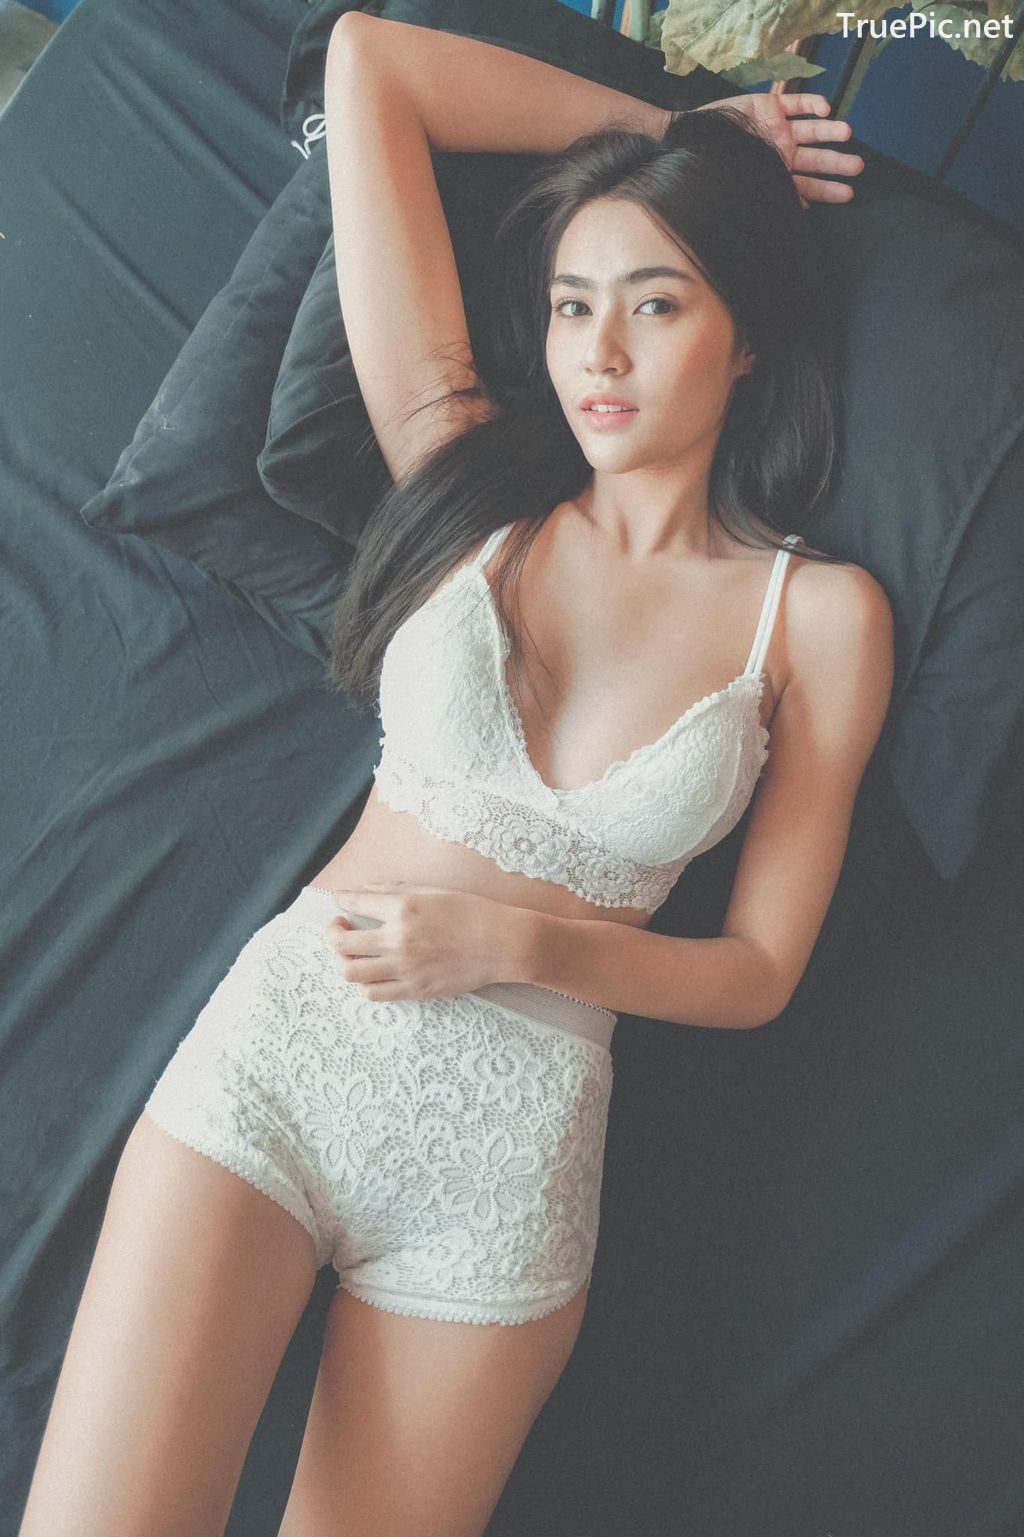 Image-Thailand-Model-Baifern-Rinrucha-Kamnark-White-Lingerie-TruePic.net- Picture-10